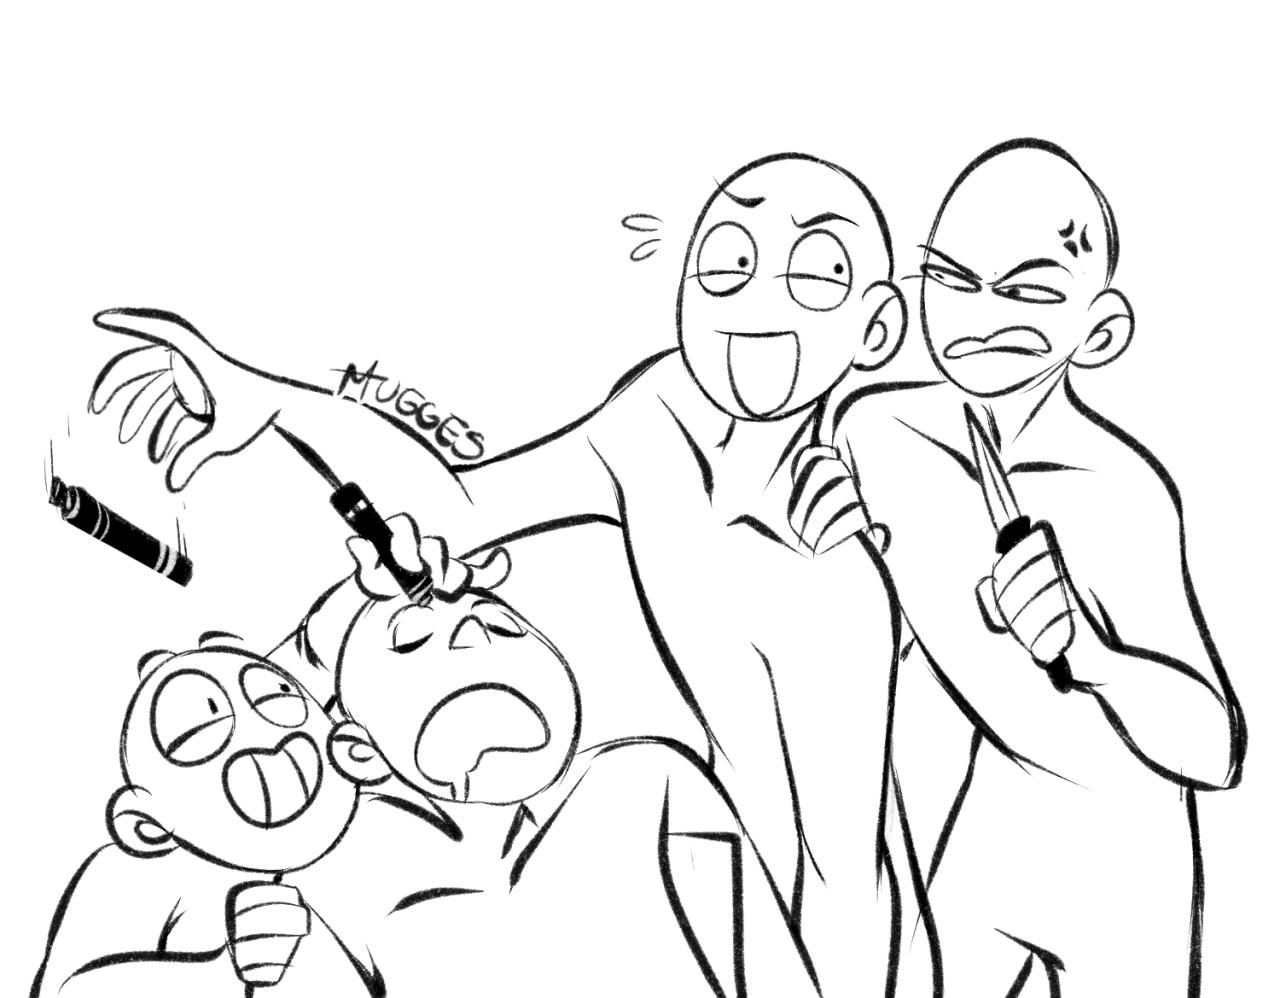 Swat Team Drawing